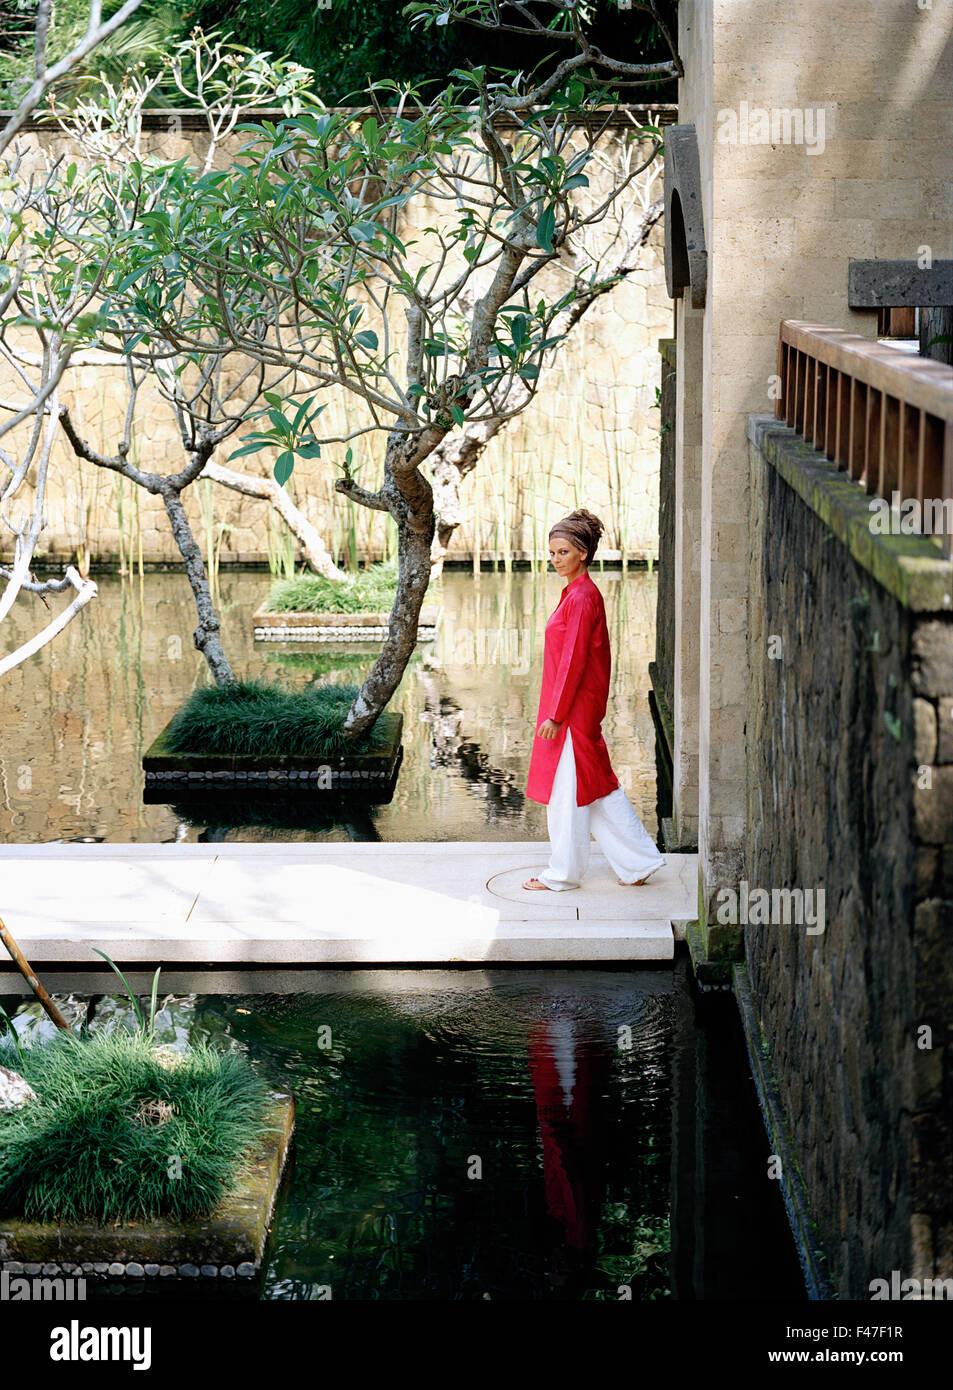 Eine skandinavische Frau zu Fuß auf einer Brücke. Stockbild